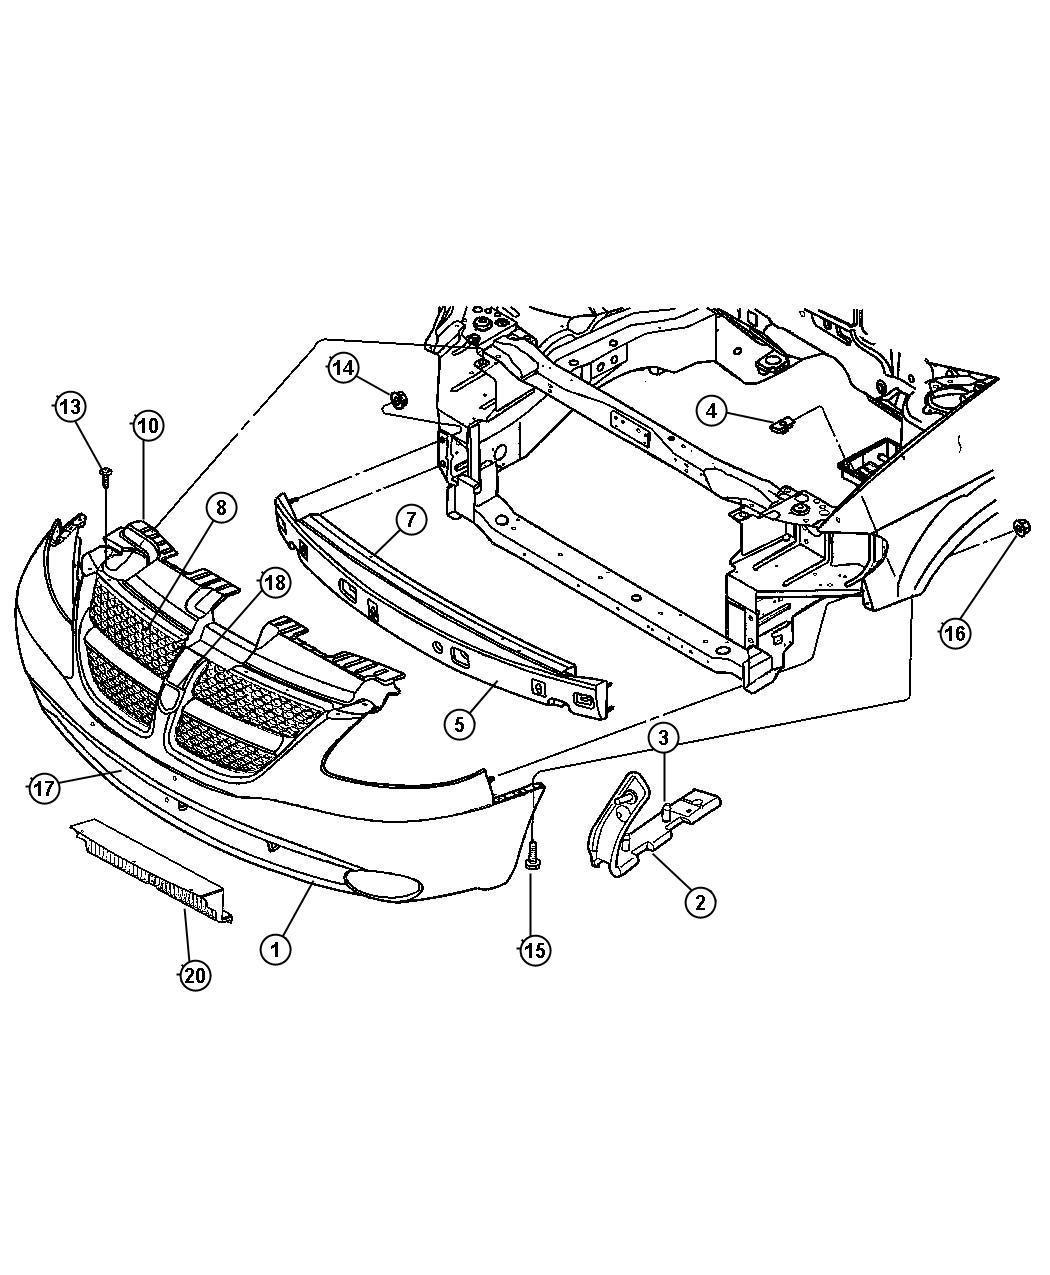 2007 Dodge Grand Caravan Fascia Front Primed Lamps Fog Wiring Diagram